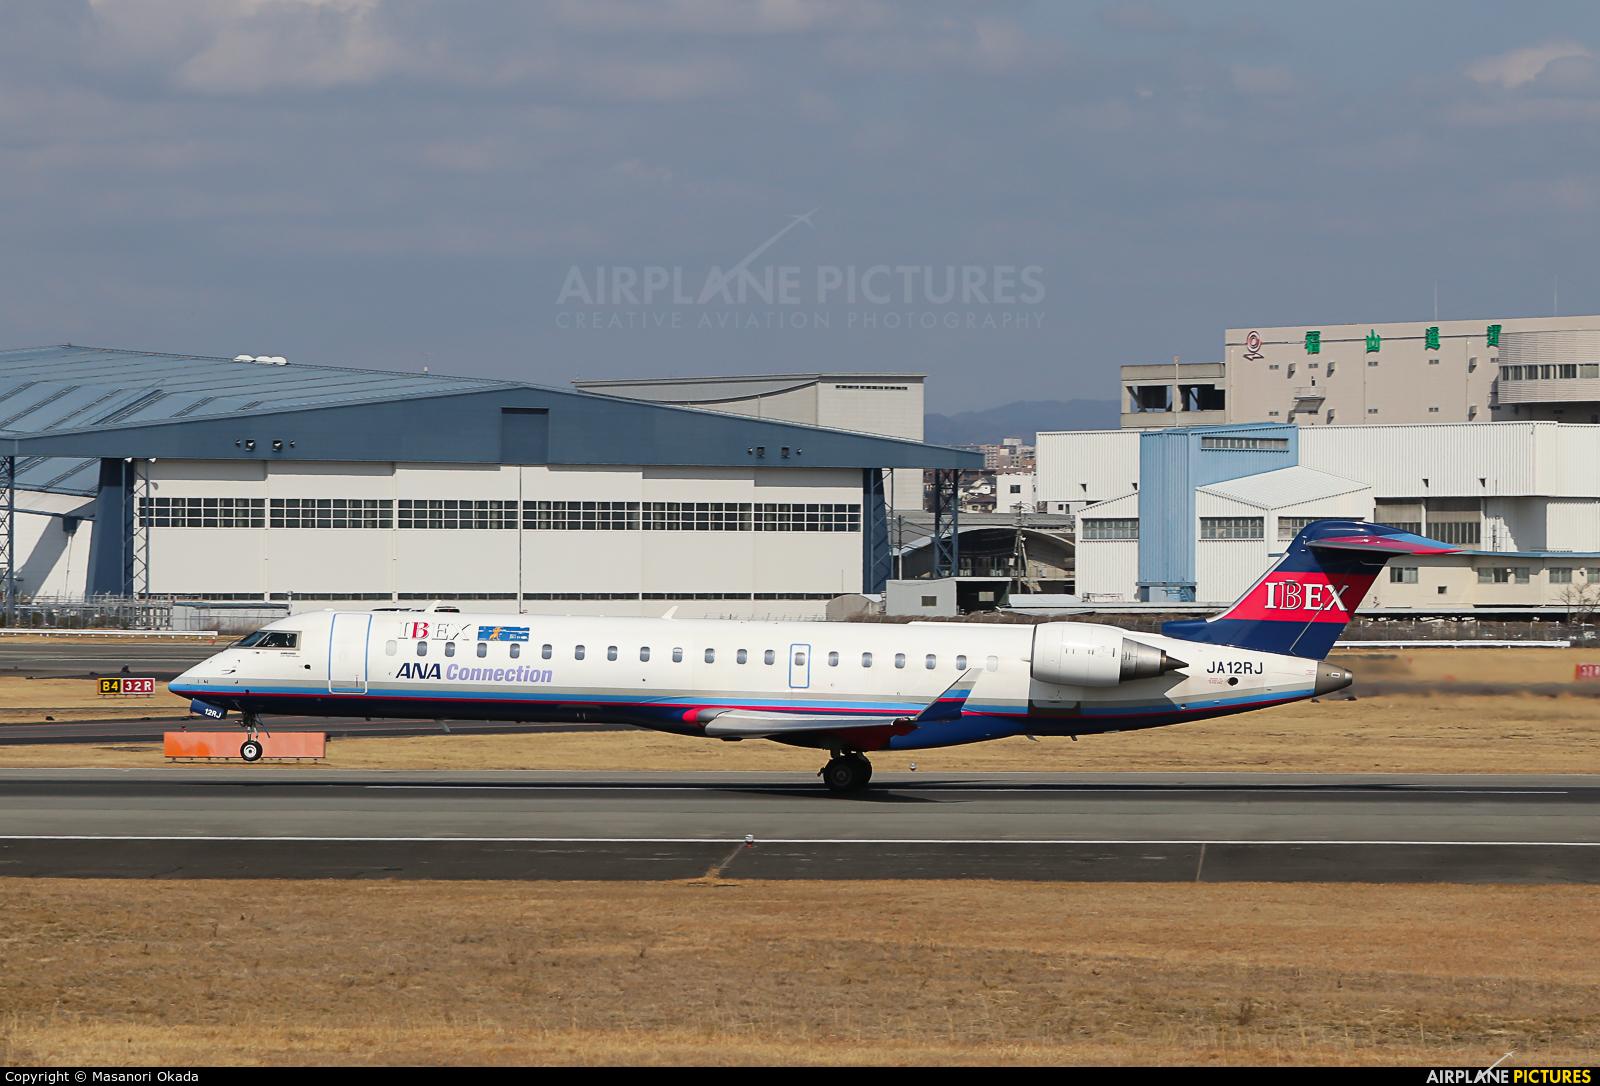 Ibex Airlines - ANA Connection JA12RJ aircraft at Osaka - Itami Intl